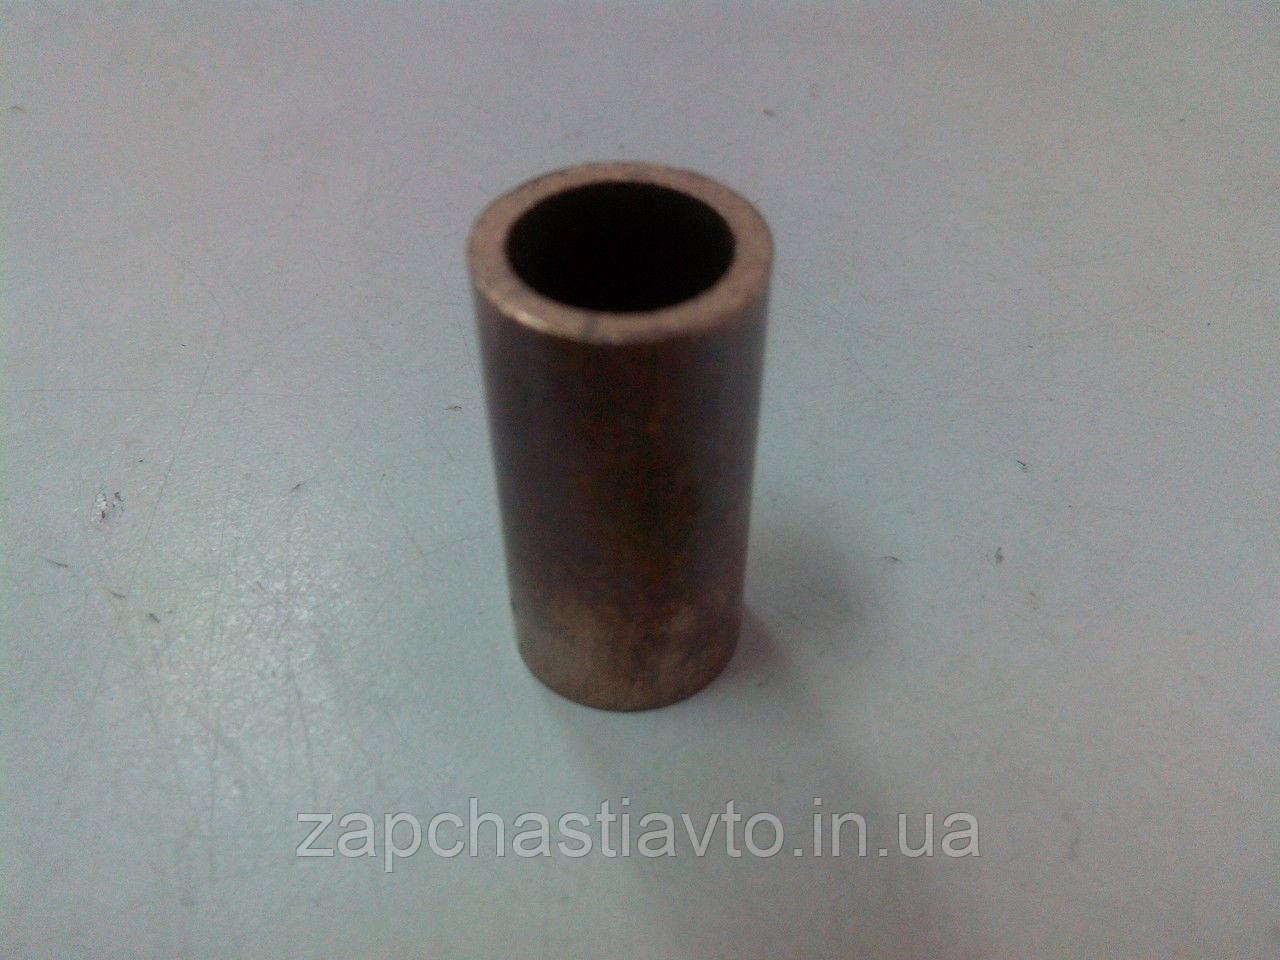 Замена втулки распределителя ваз